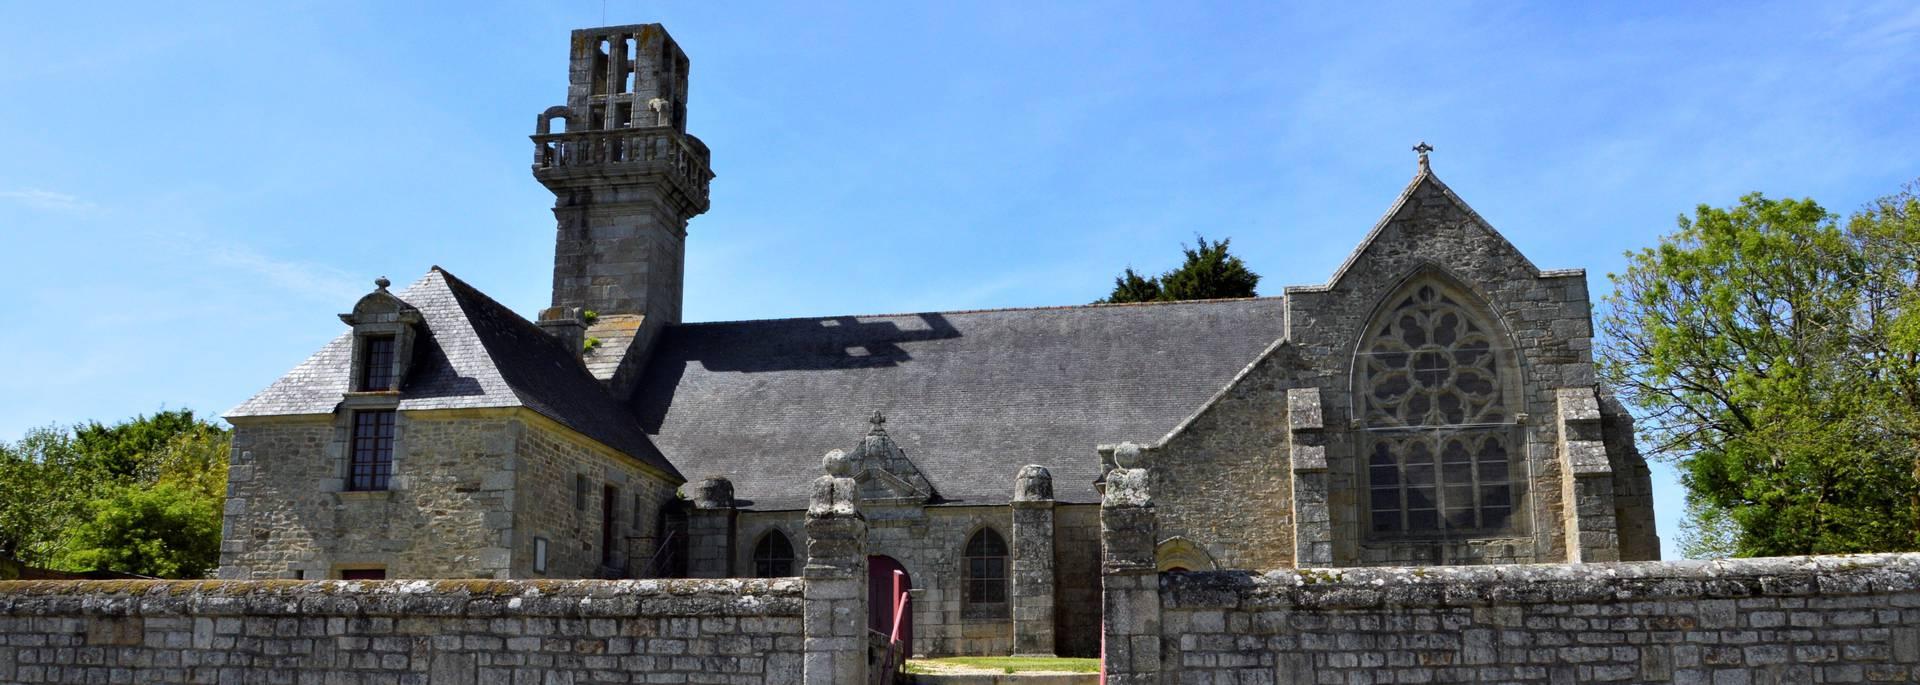 Chapelle Notre-Dame de Languivoa - ©M.Hamel